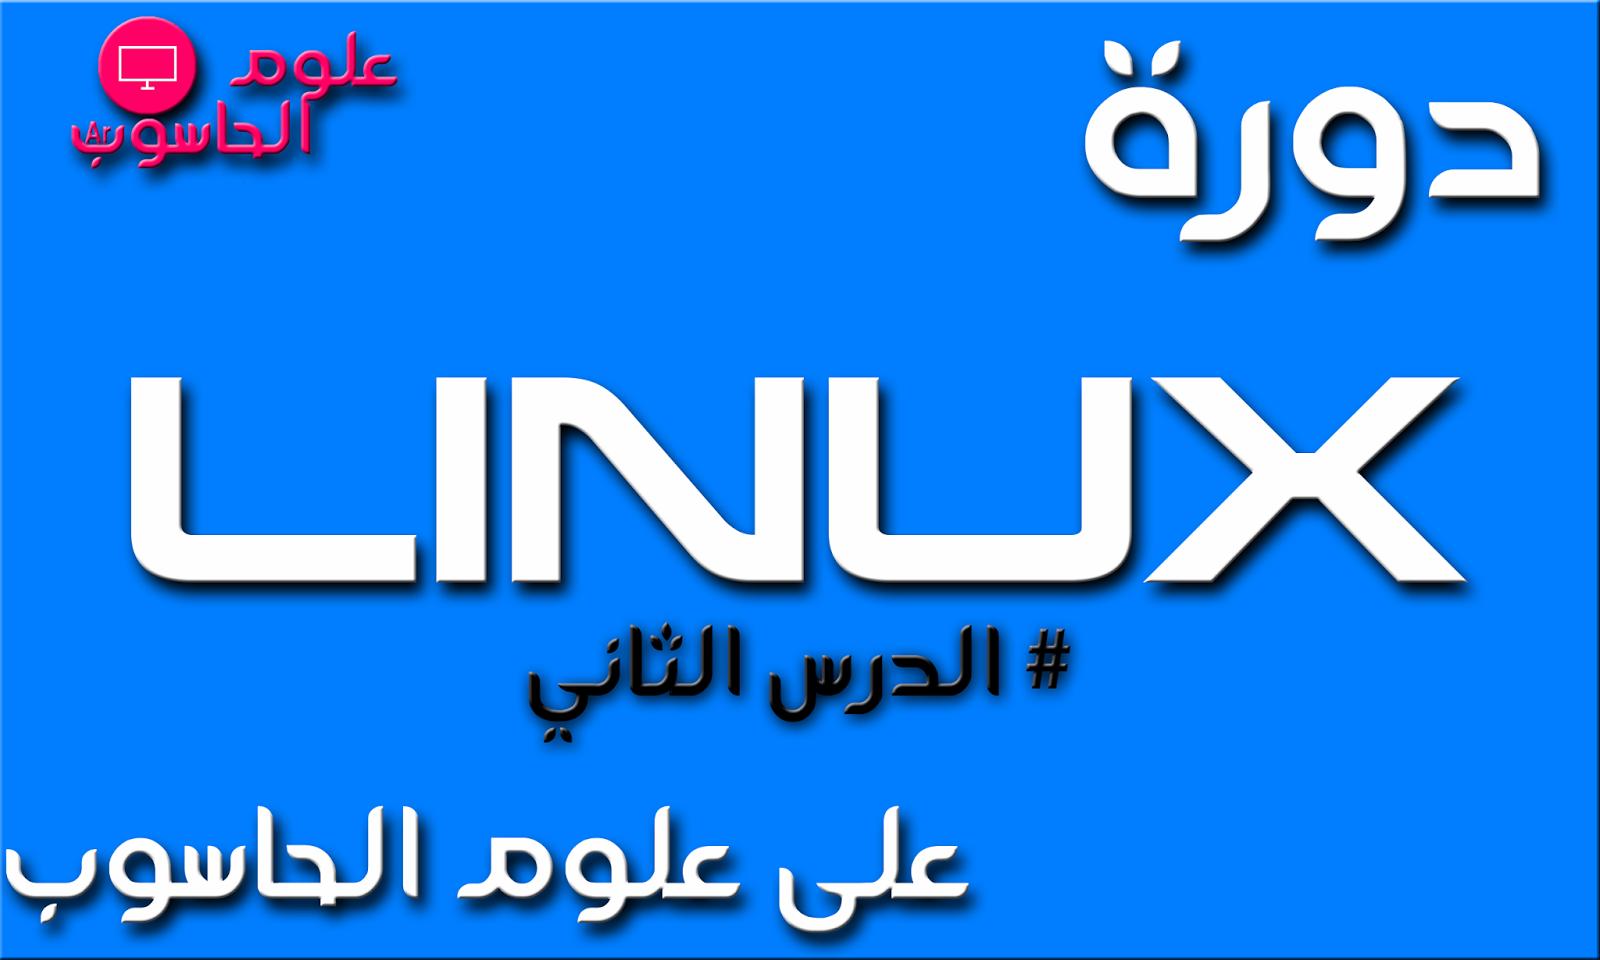 دورة لينكس Linux - الدرس التاني:تسطيب اللينكس UBUNTU على الجهاز الوهمي